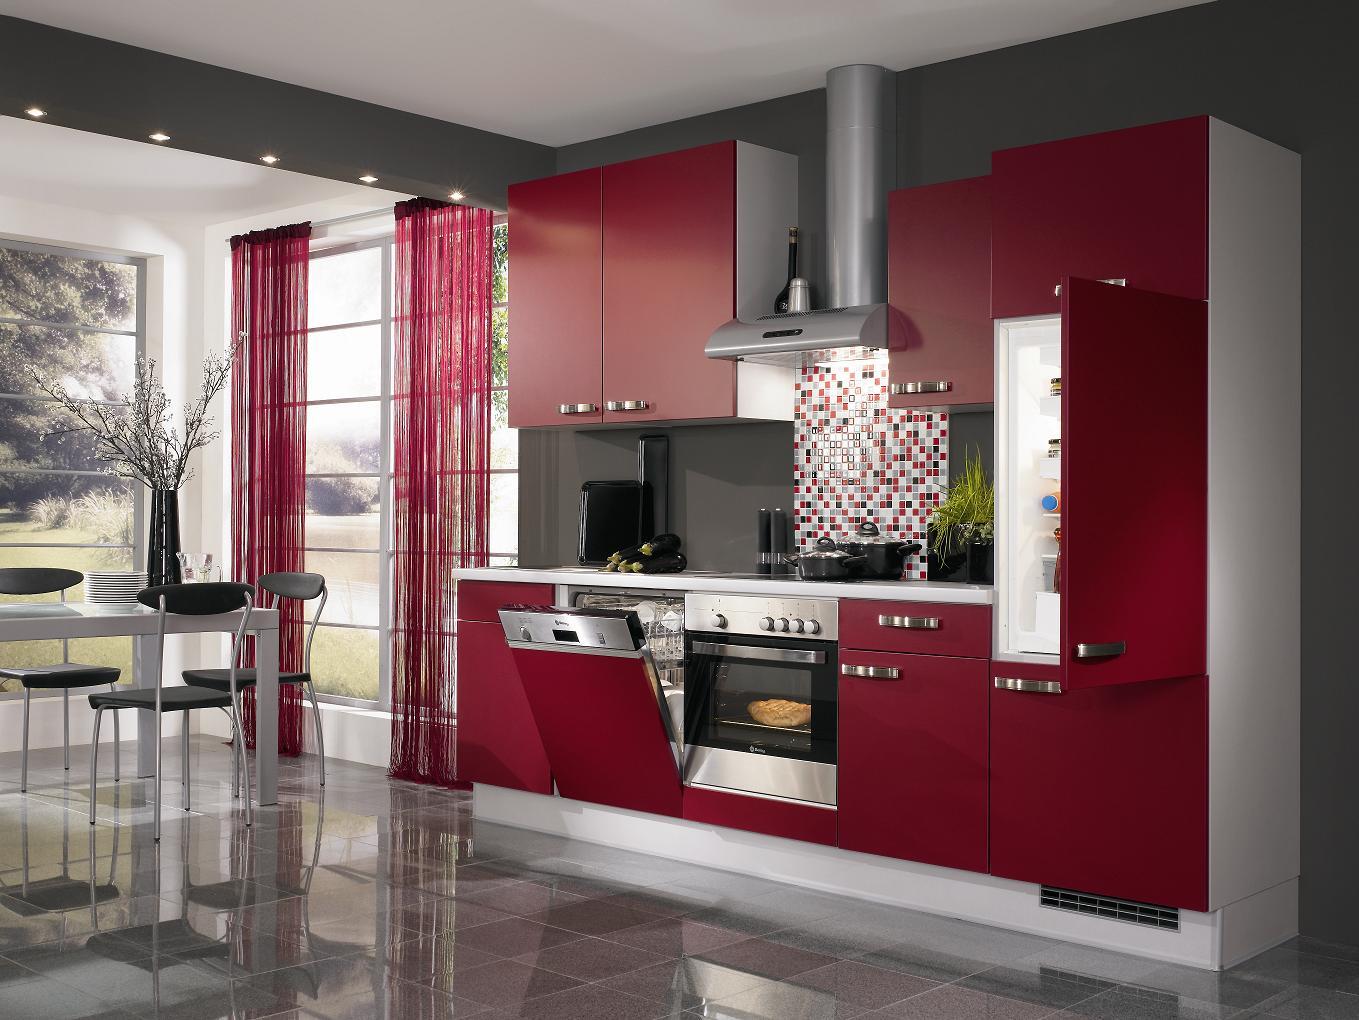 Desain Design Dapur Minimalis 01